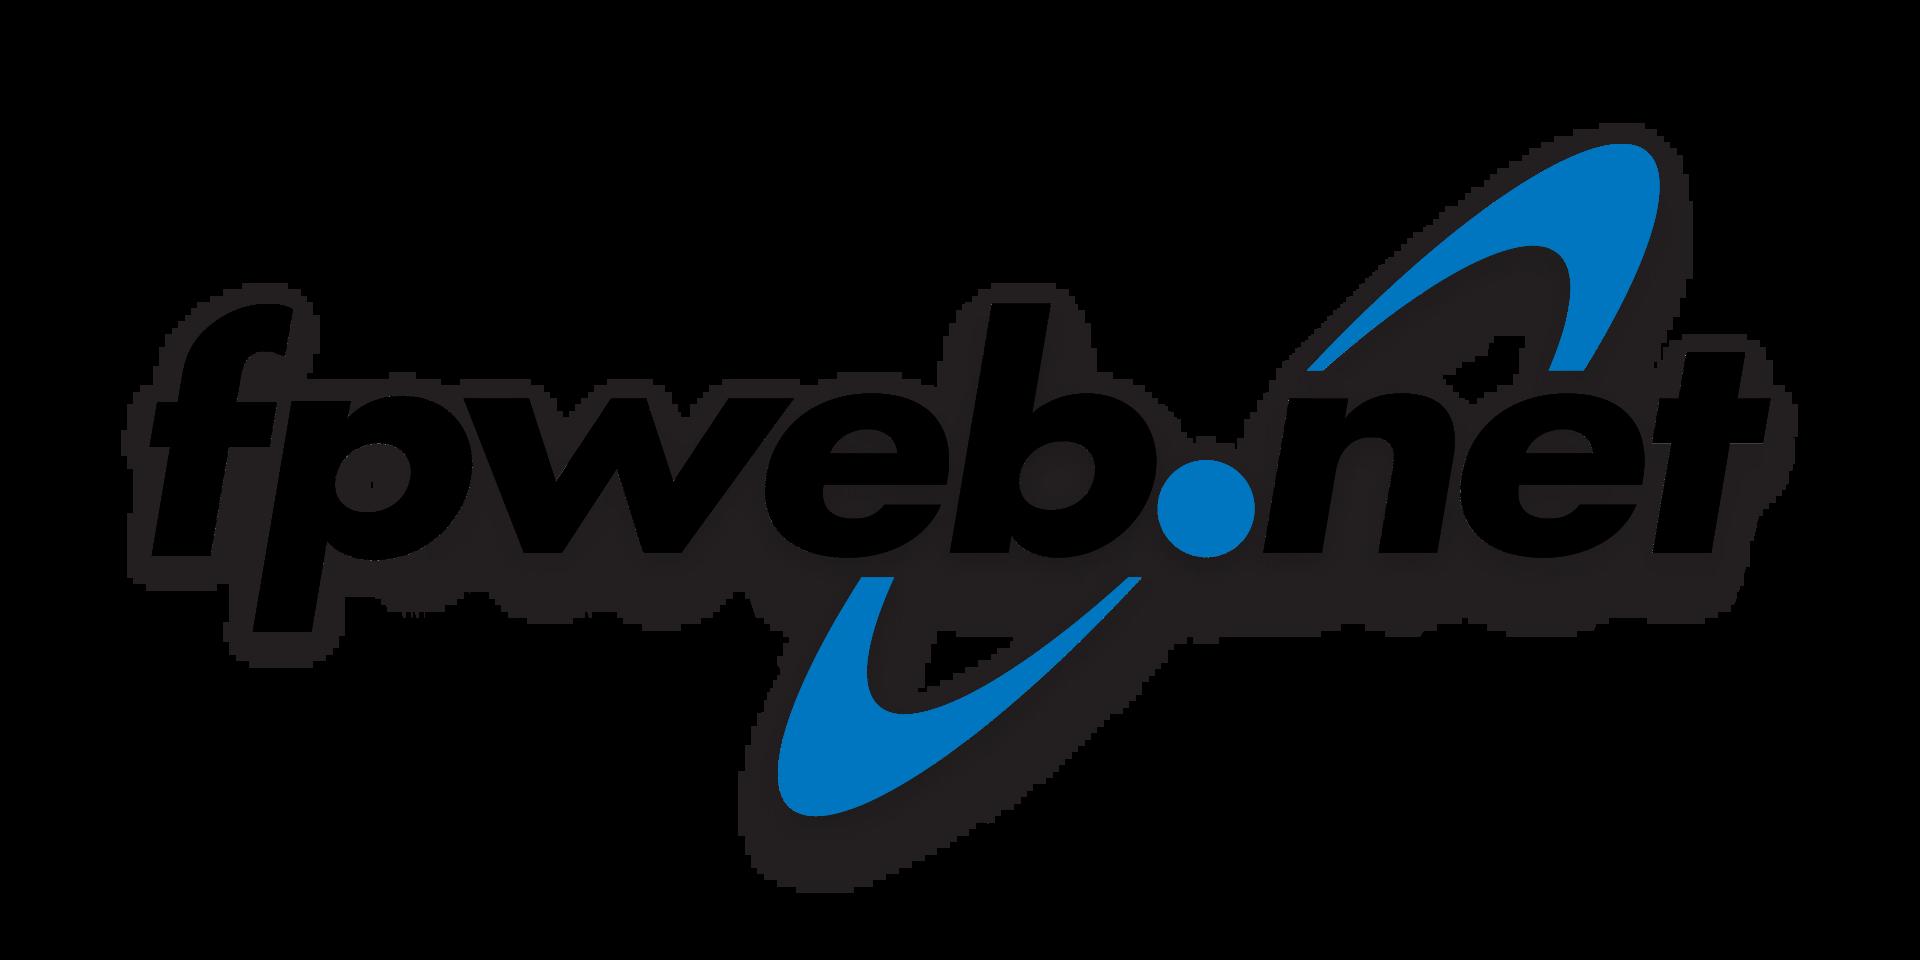 Fpweb.net Logo - Full Color